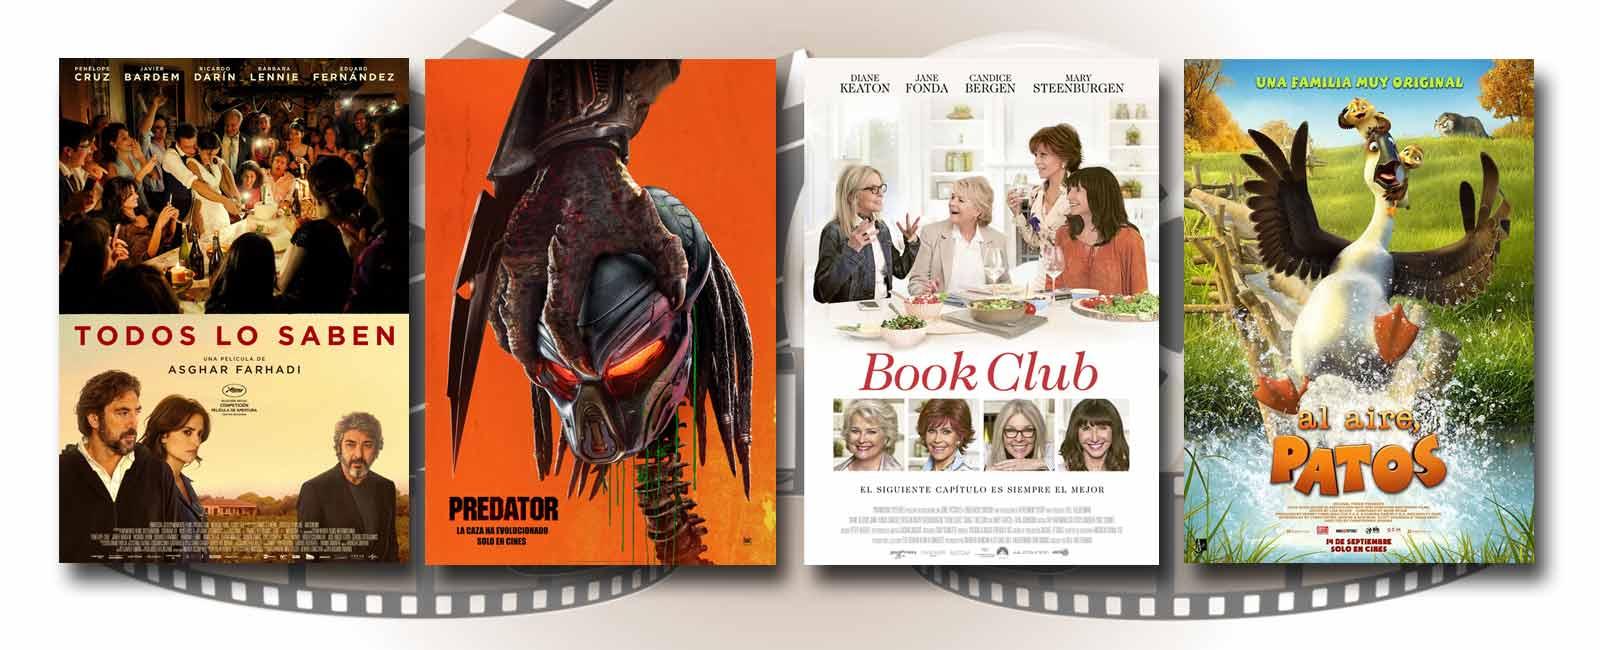 Estrenos de Cine de la Semana… 14 de Septiembre 2018